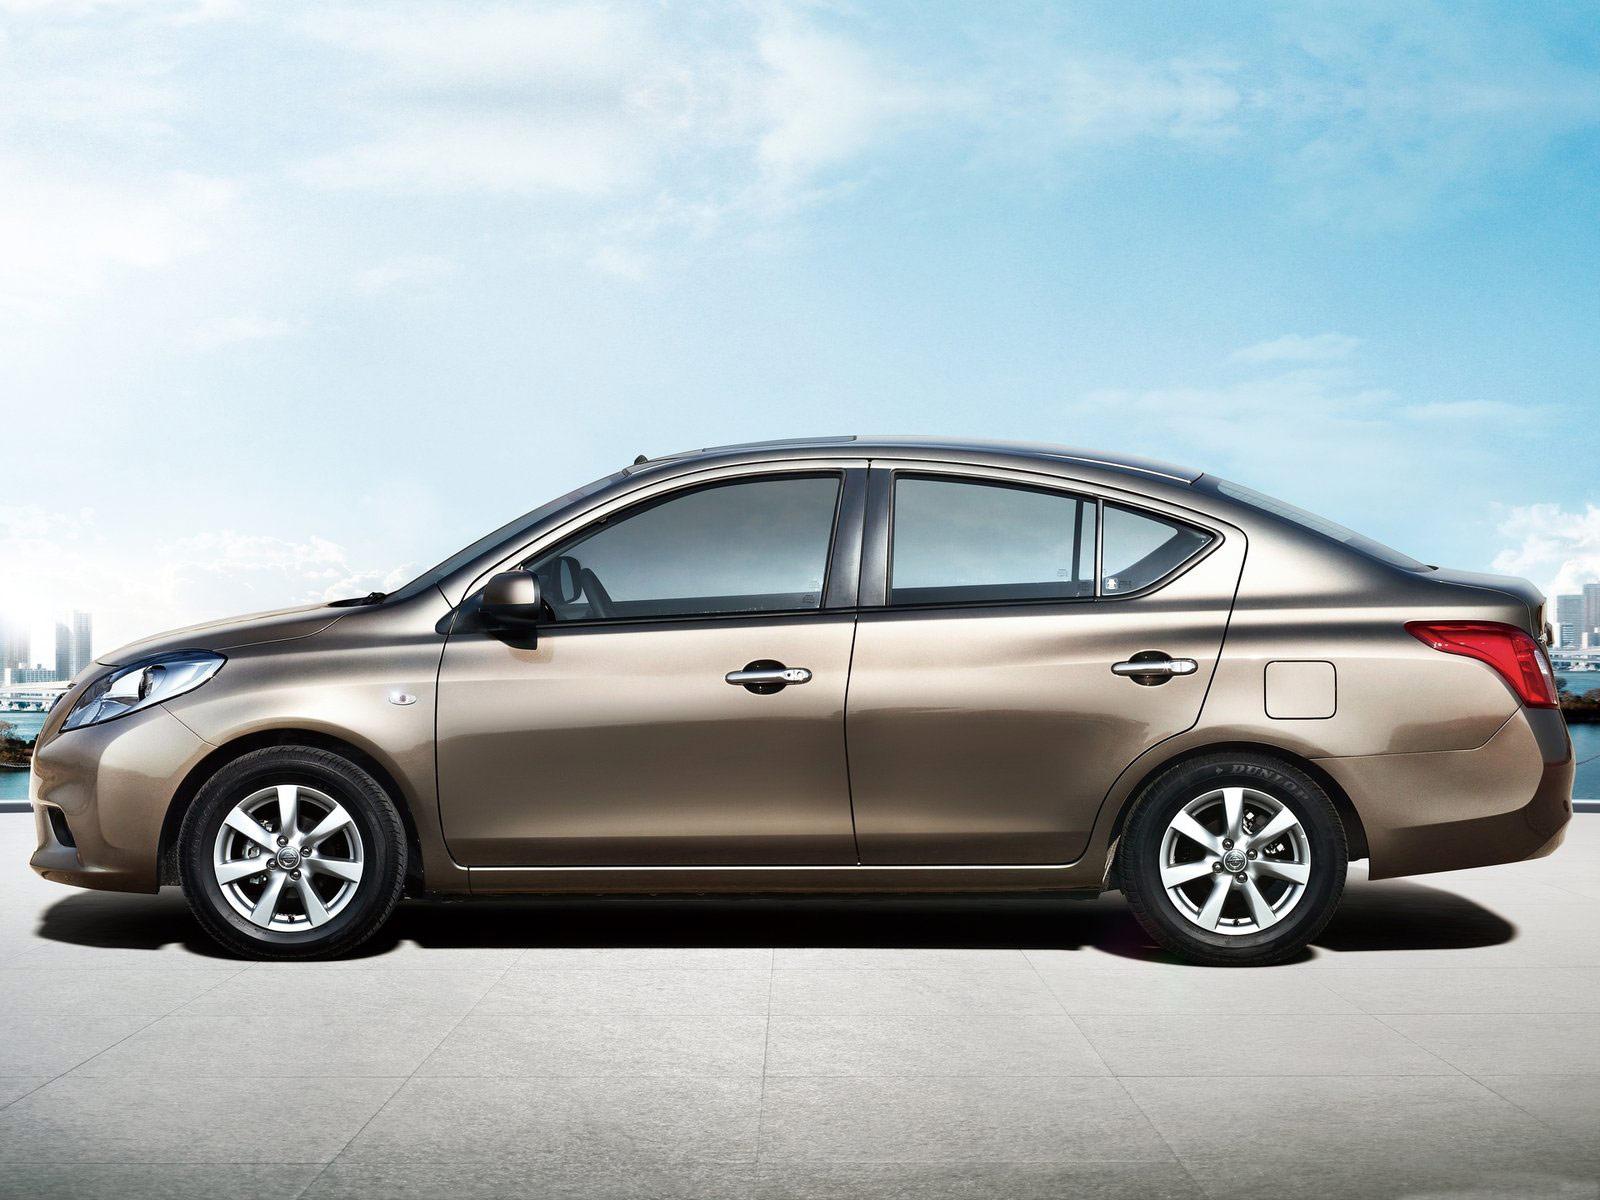 2012 Nissan Sunny Car Desktop Wallpaper